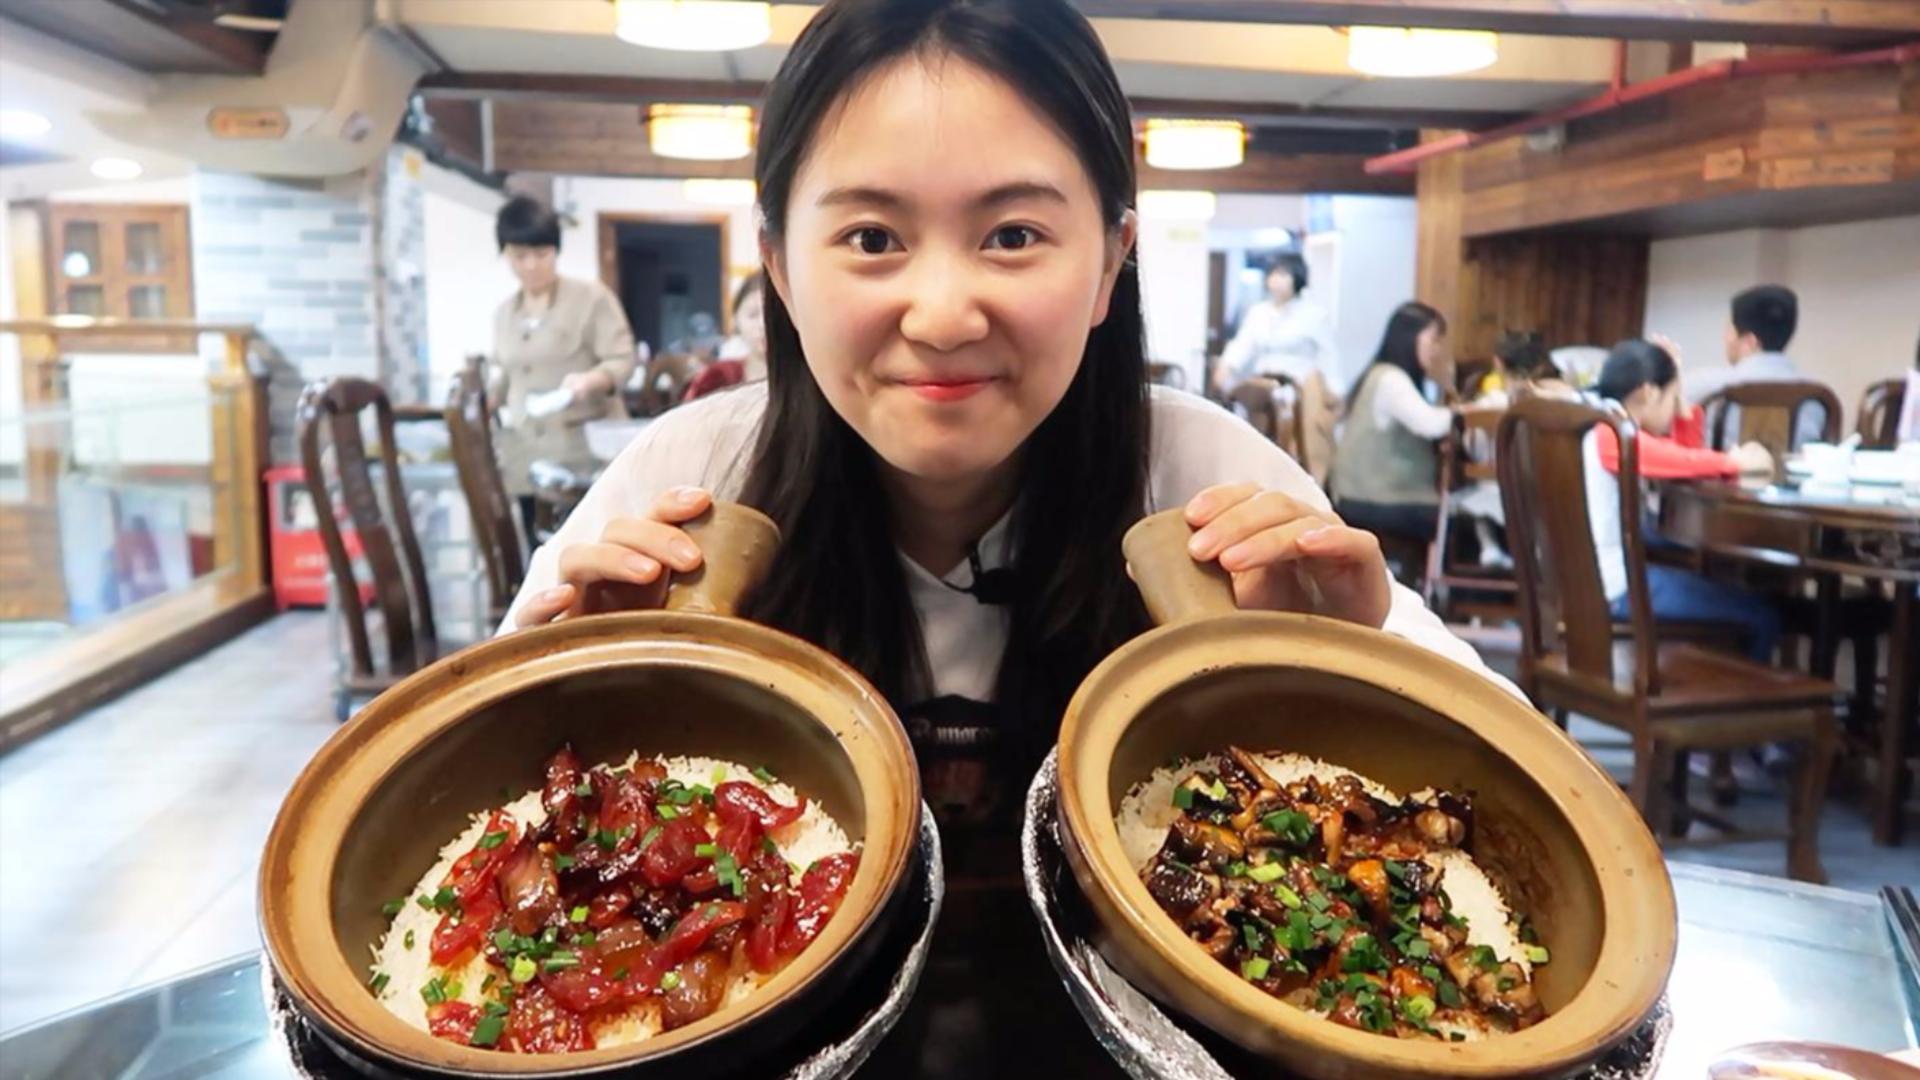 在广东吃煲仔饭,最低40元,一人抱着一口砂锅埋头吃!量不少